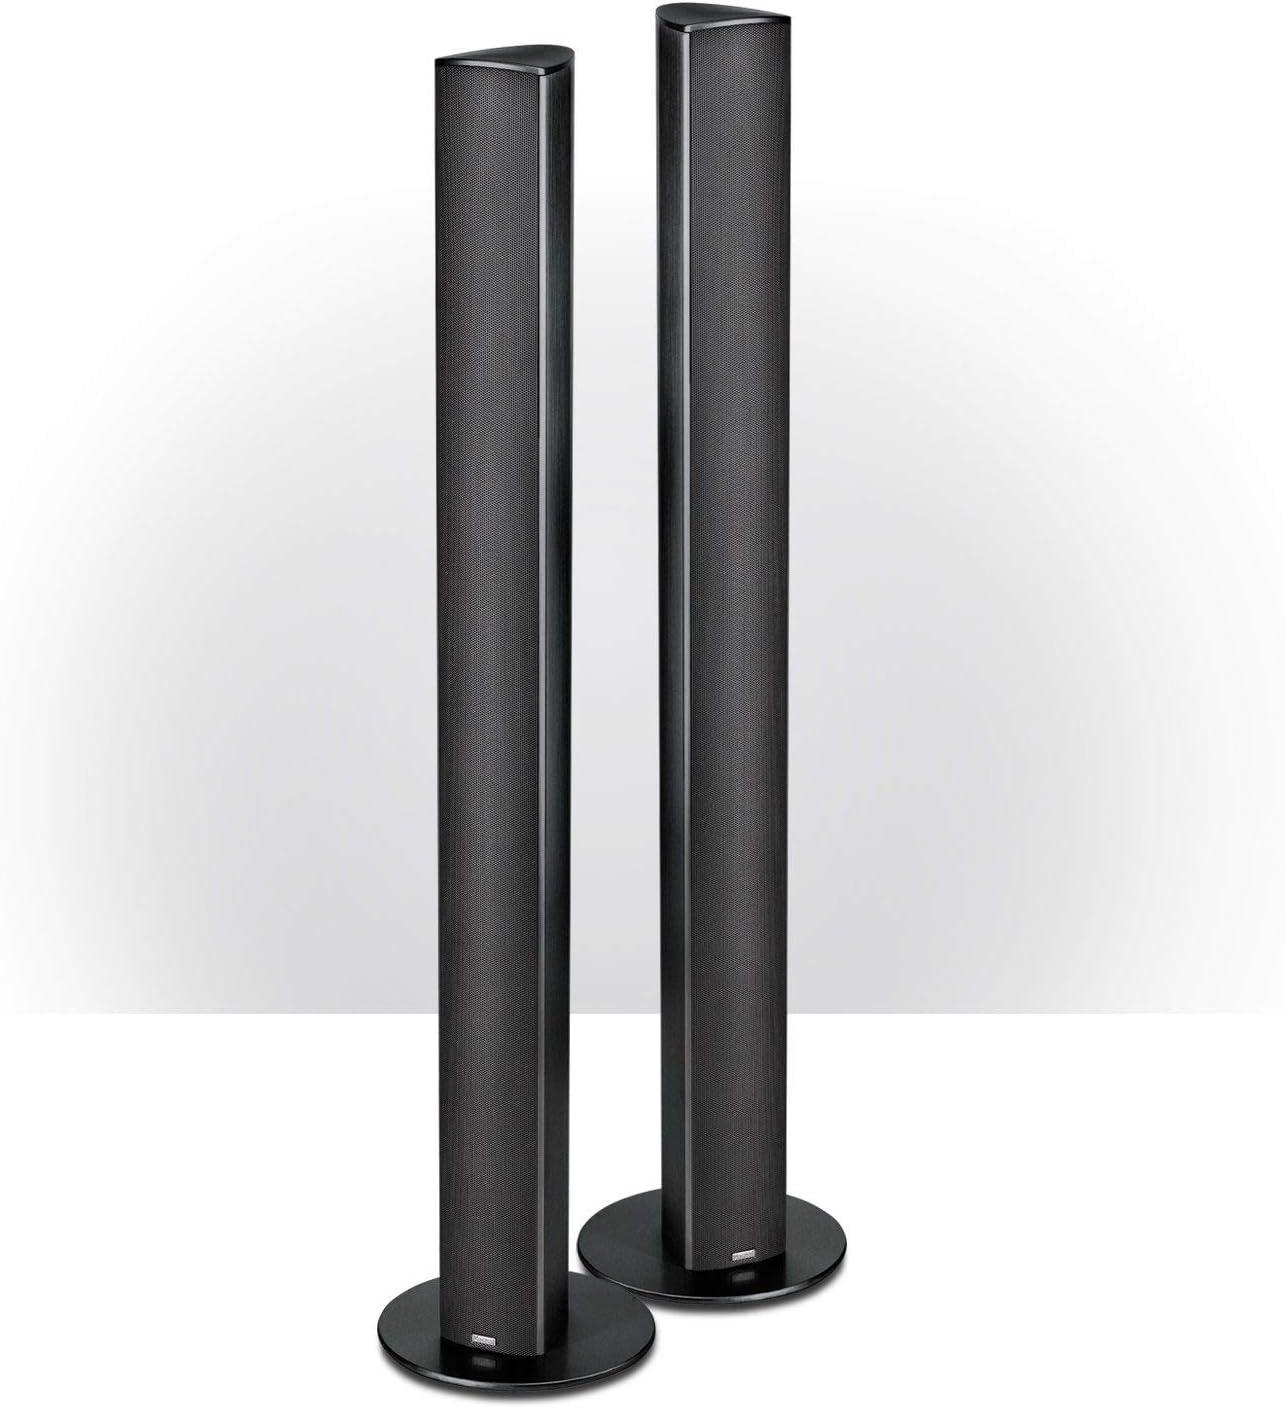 Magnat Super Tower - Altavoces tipo torre (2 unidades): Amazon.es: Electrónica